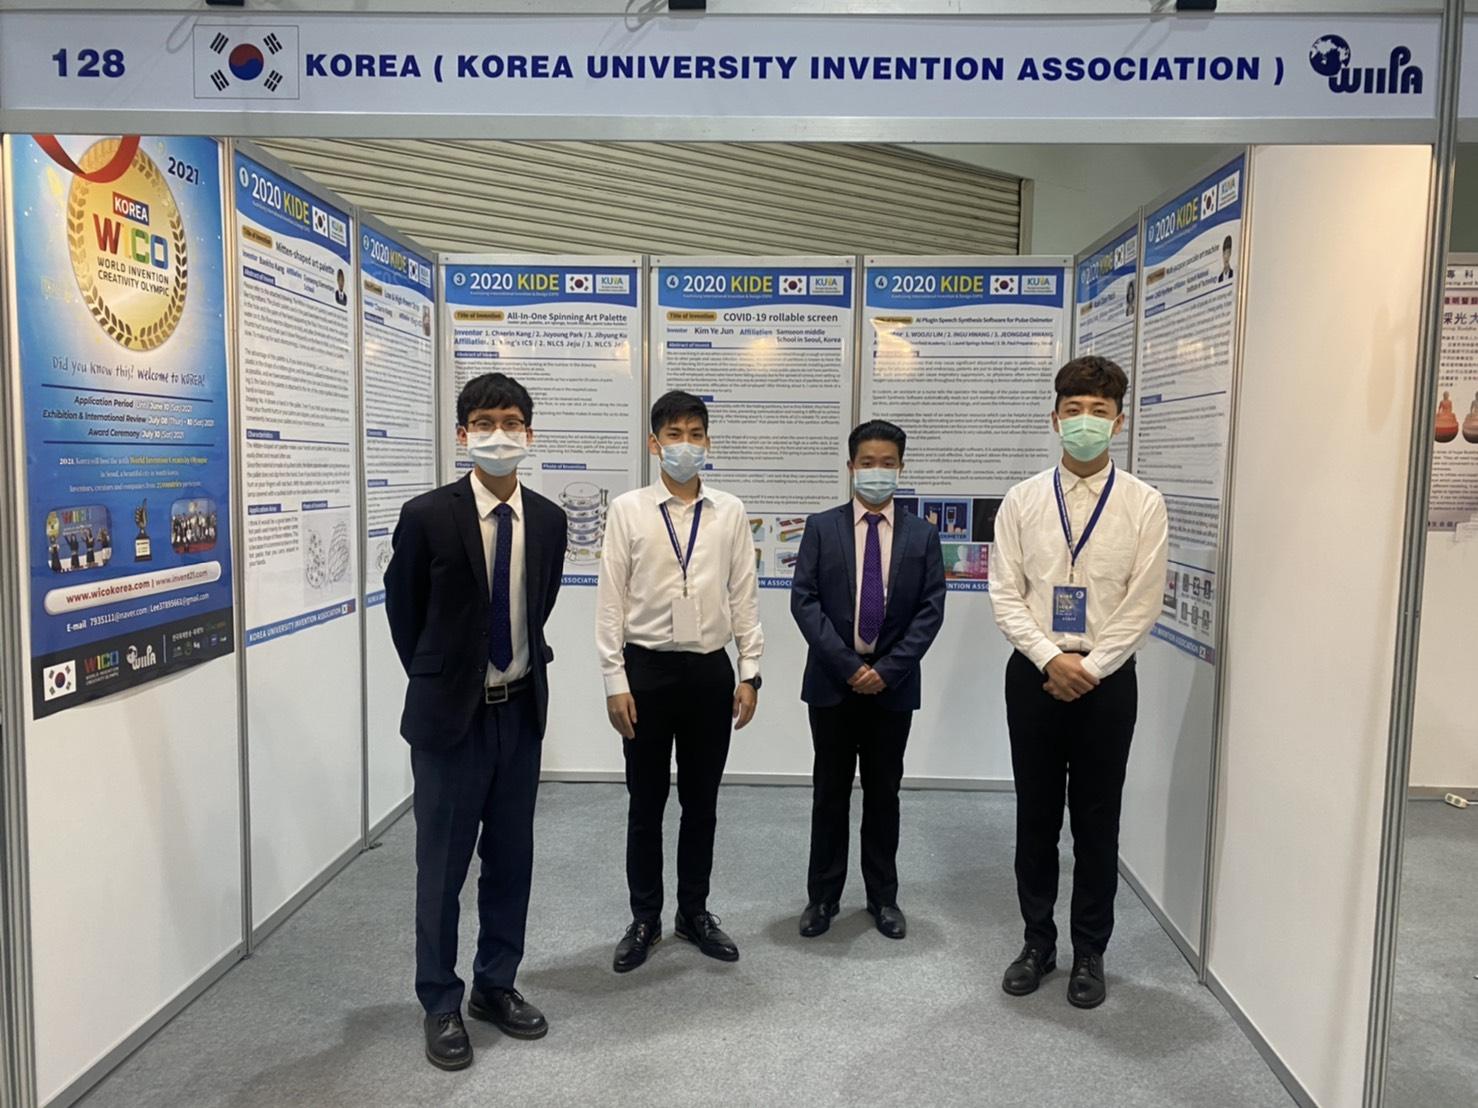 [광주]광주자연과학고, 심수민 학생 대만 국제발명디자인박람회 은상 수상